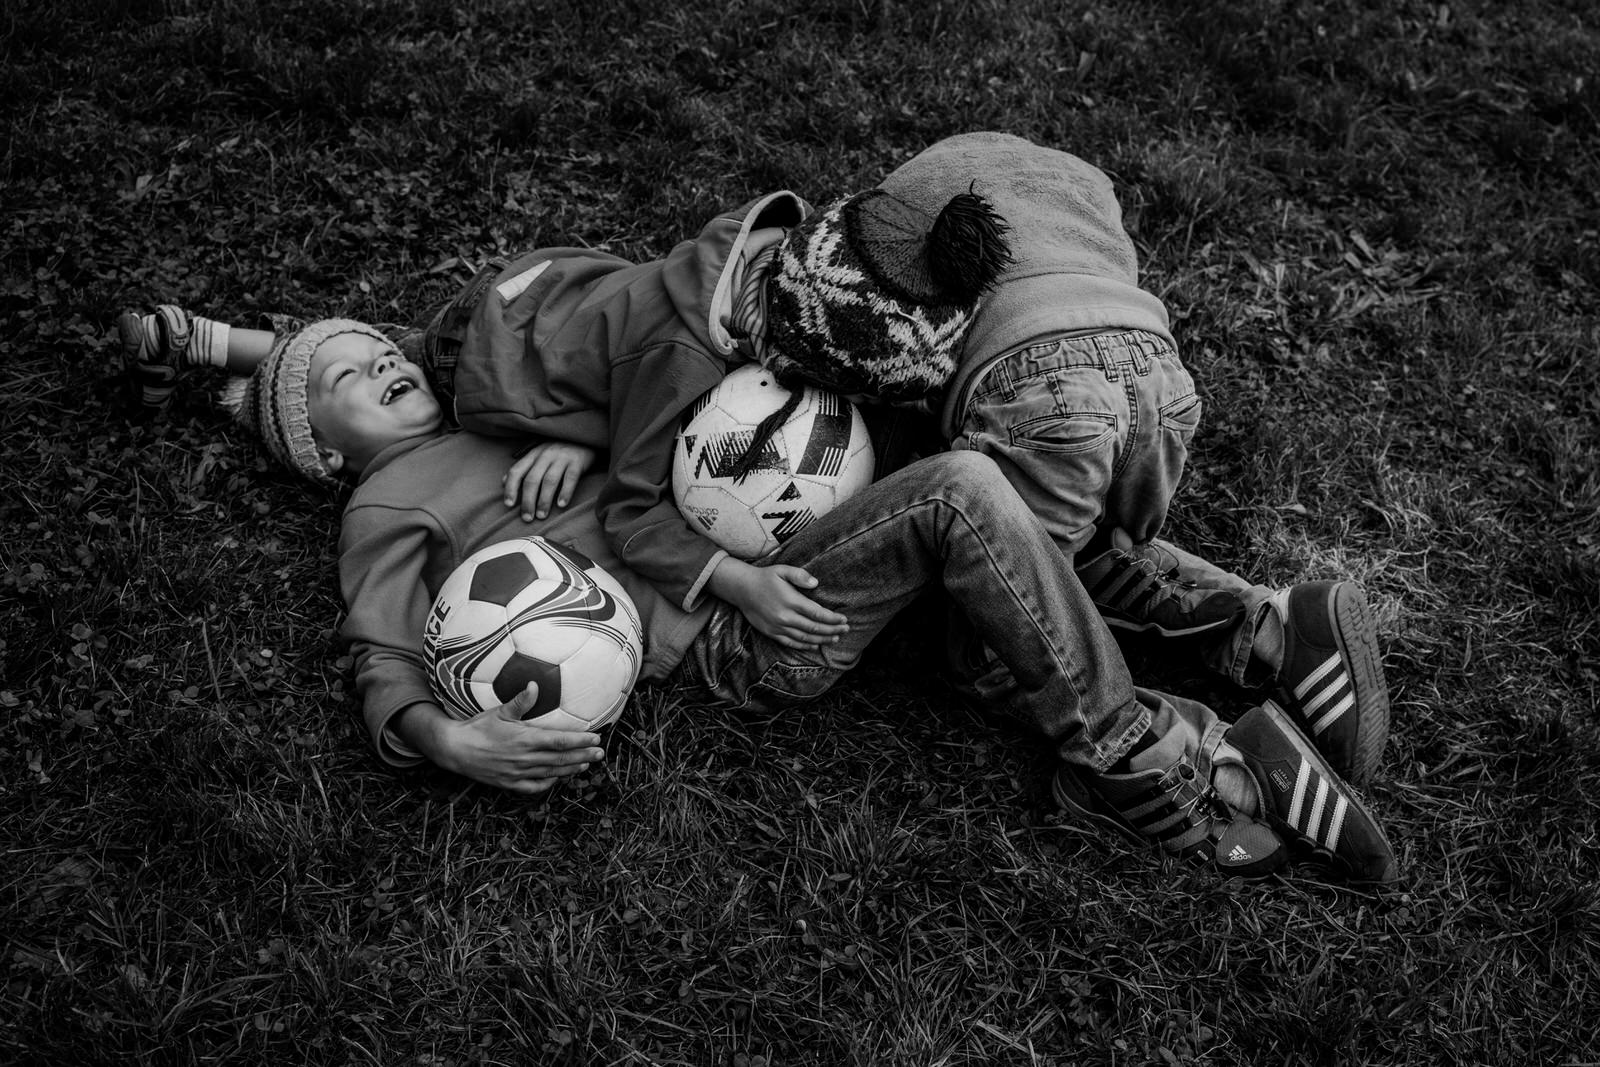 Jungen raufen - Familienfotografin unterwegs | Familienfotos drinnen und draussen